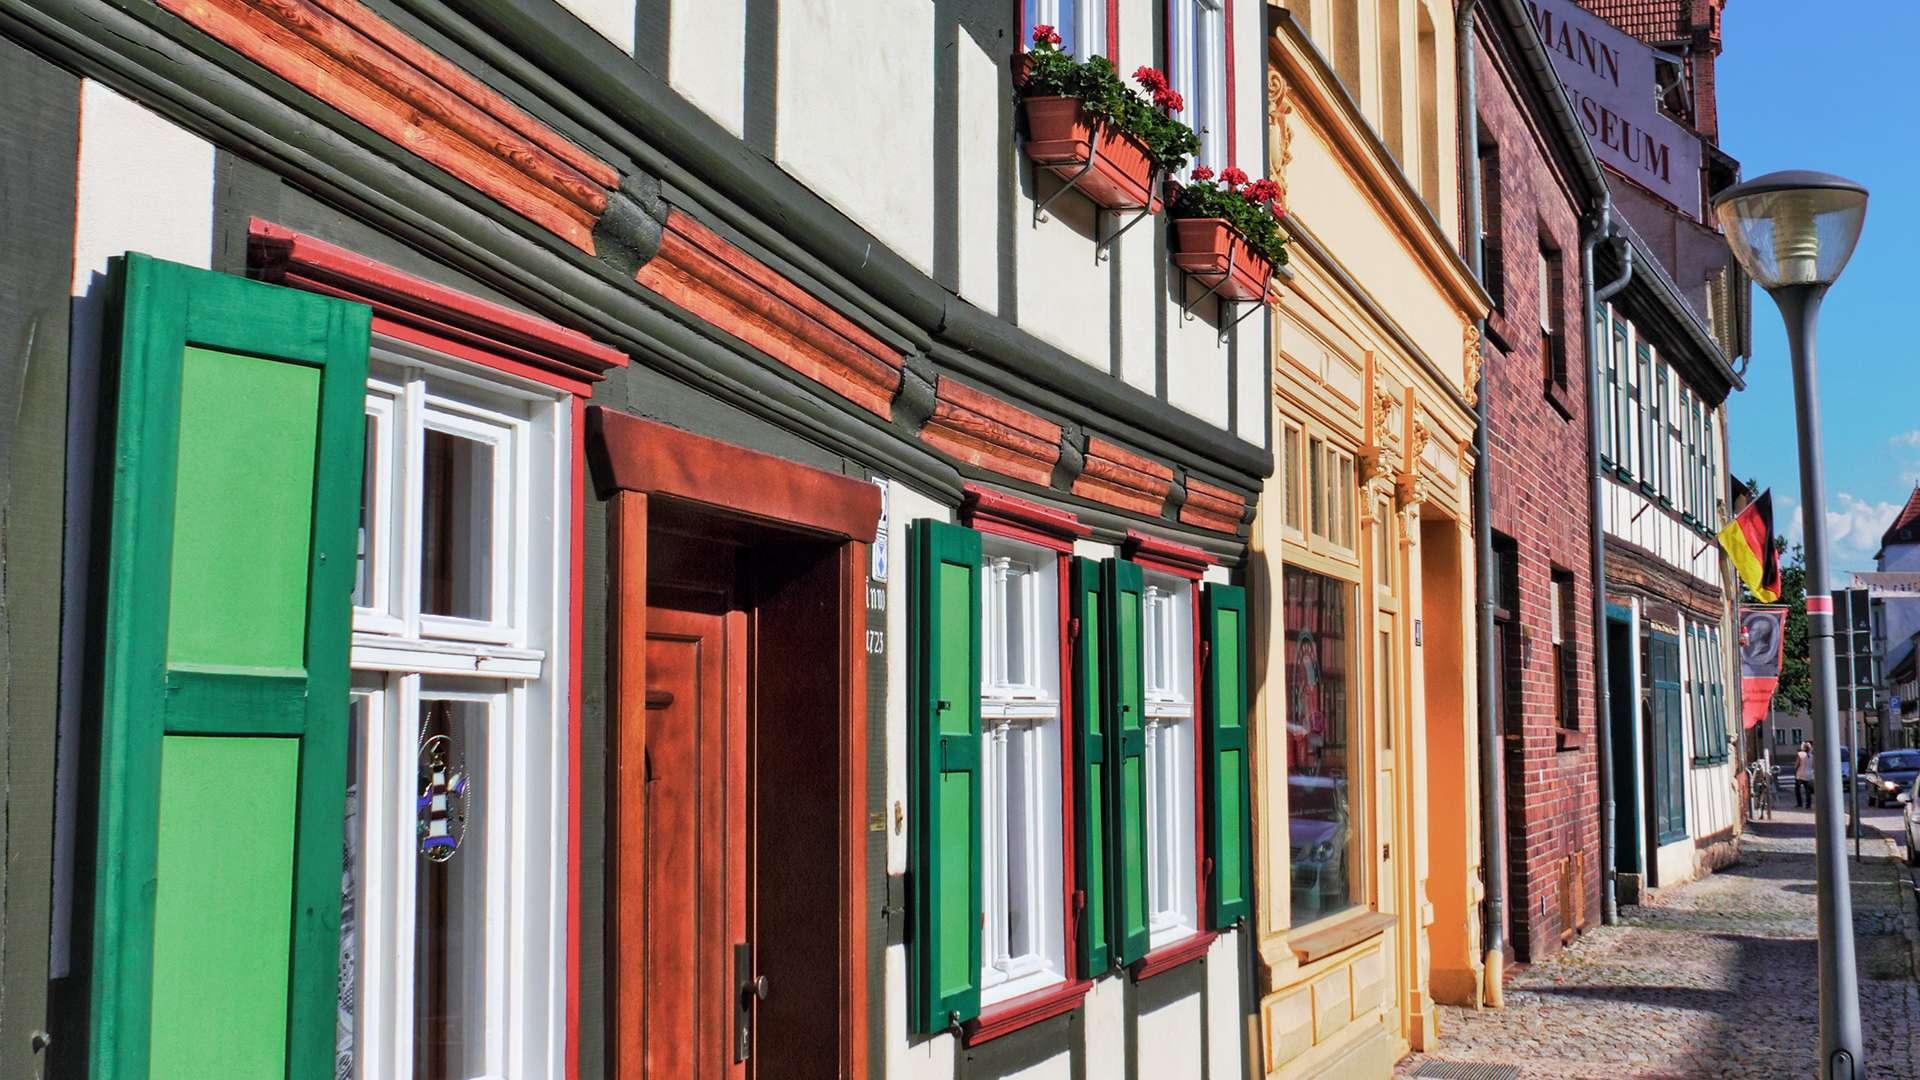 Häuserfassaden in der Altstadt von Stendal